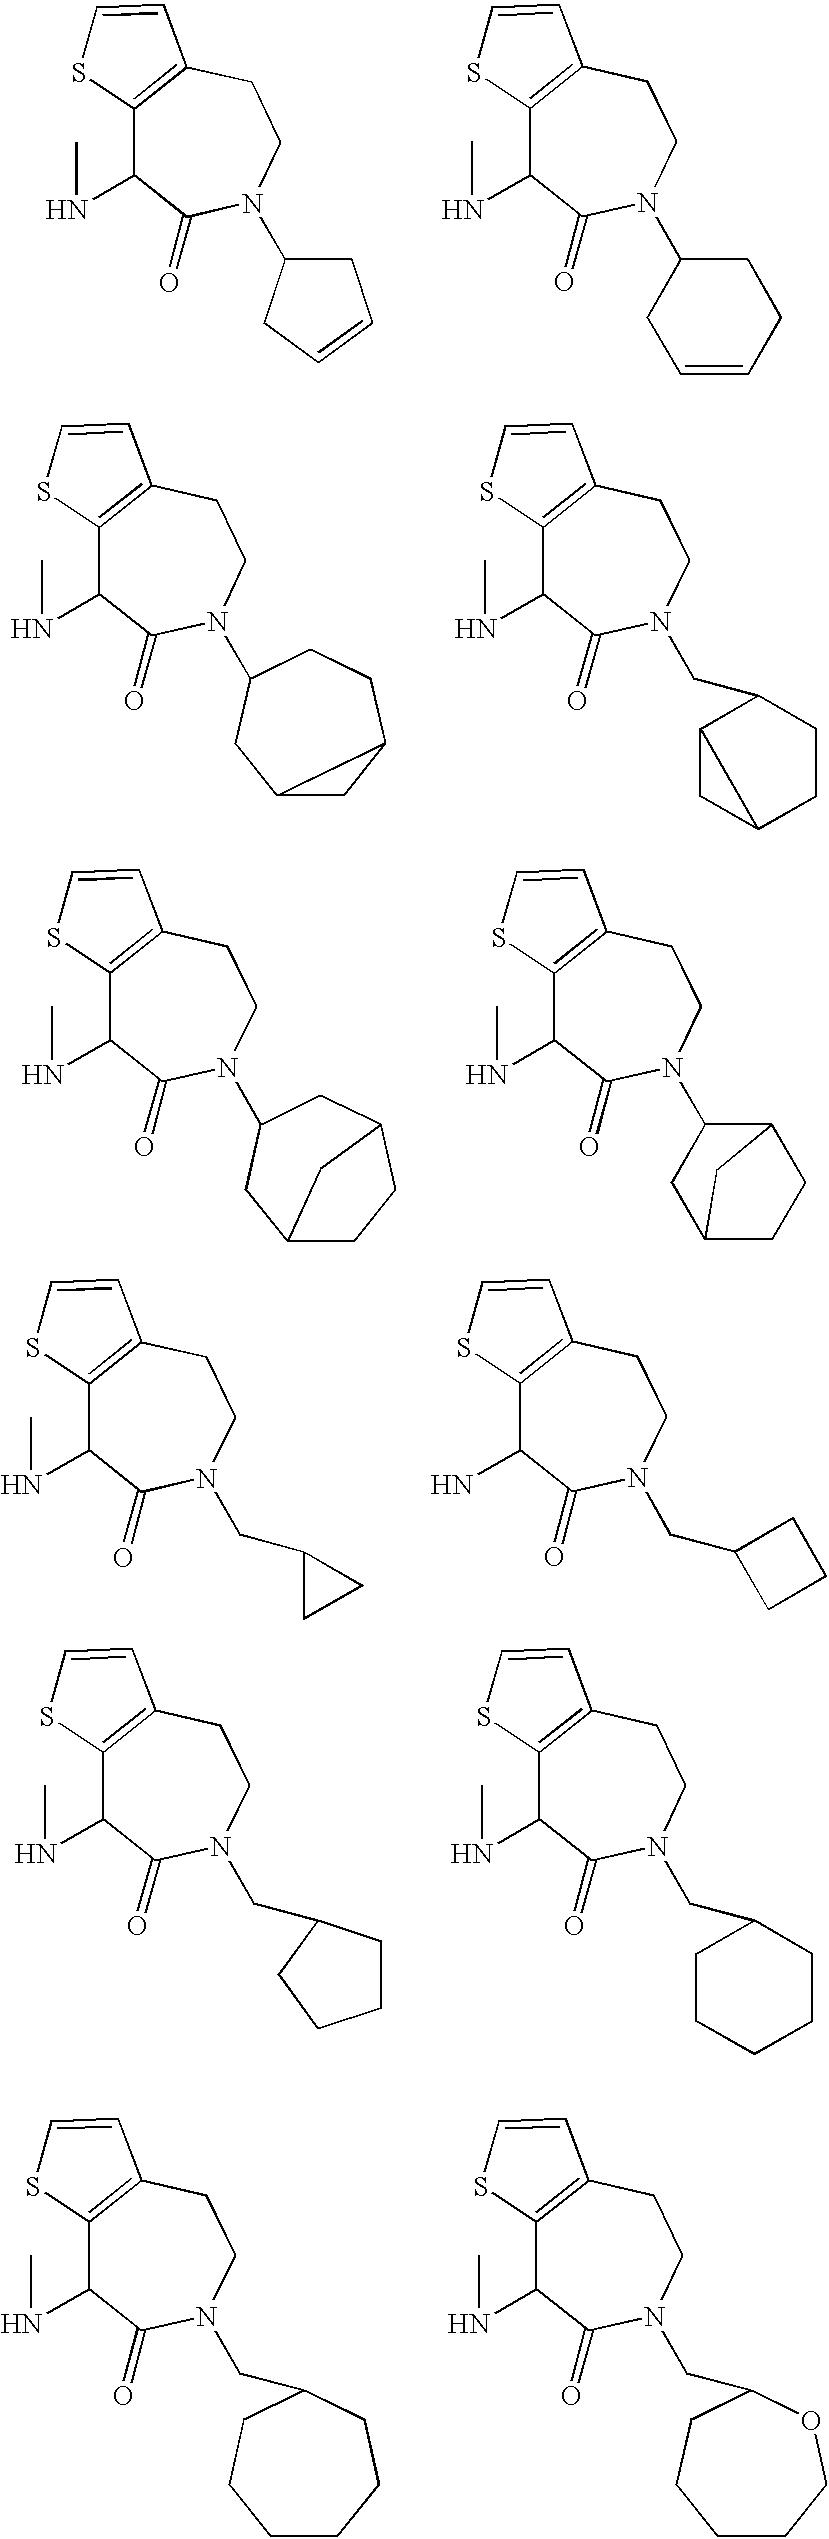 Figure US06509331-20030121-C00059